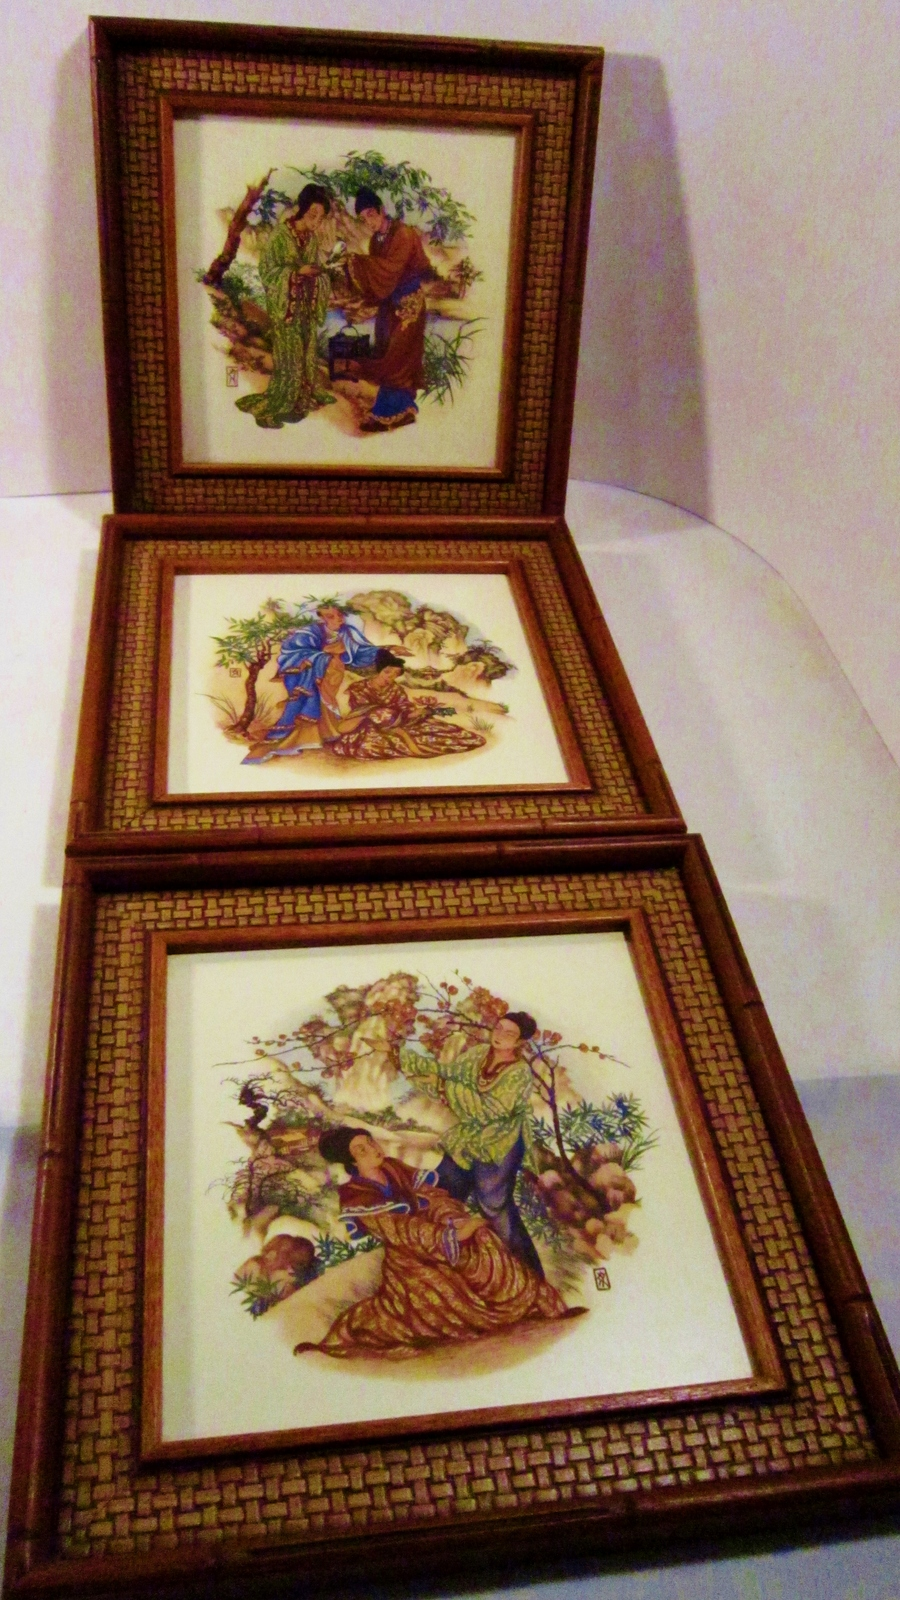 Three Framed Art Tiles 1960s Greenville South Carolina